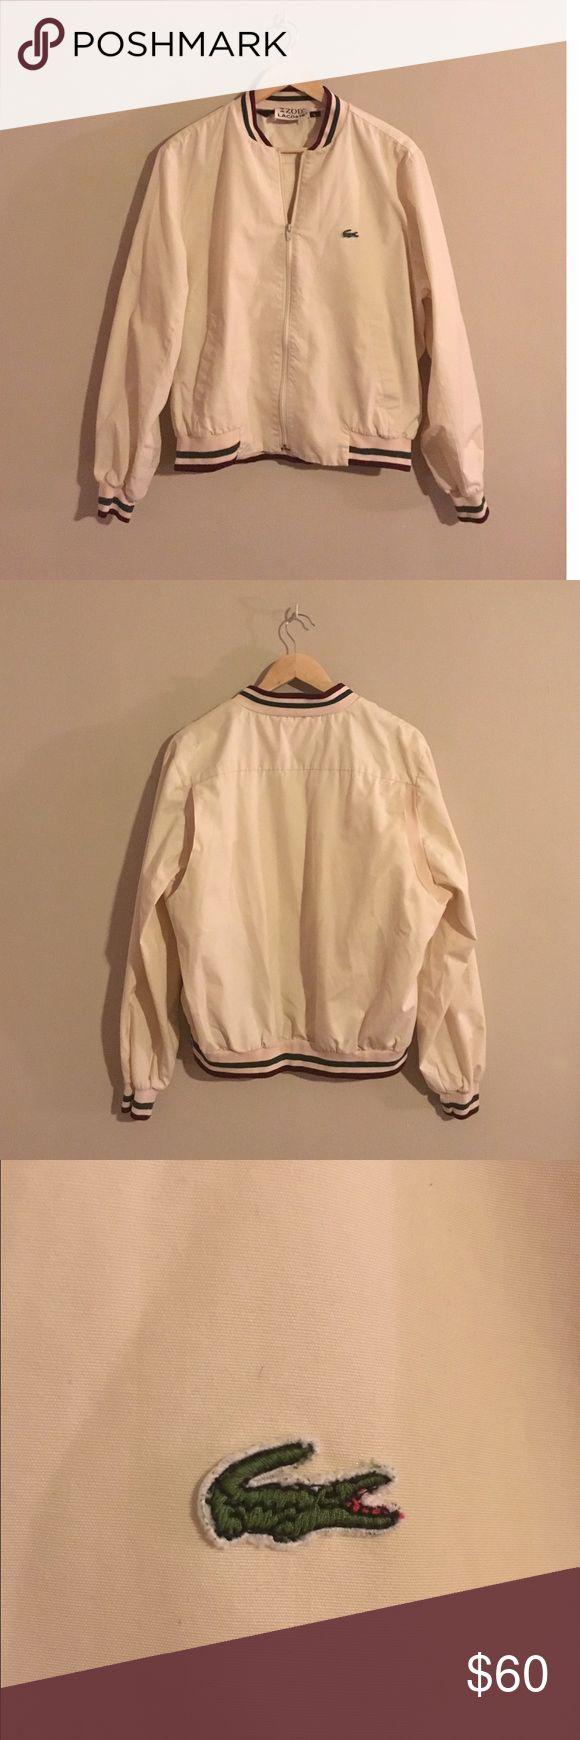 Vintage Lacoste Bomber Jacket Awesome vintage 80s 90s Izod Lacoste khaki bomber jacket. Fits like Women's Large Vintage Jackets & Coats